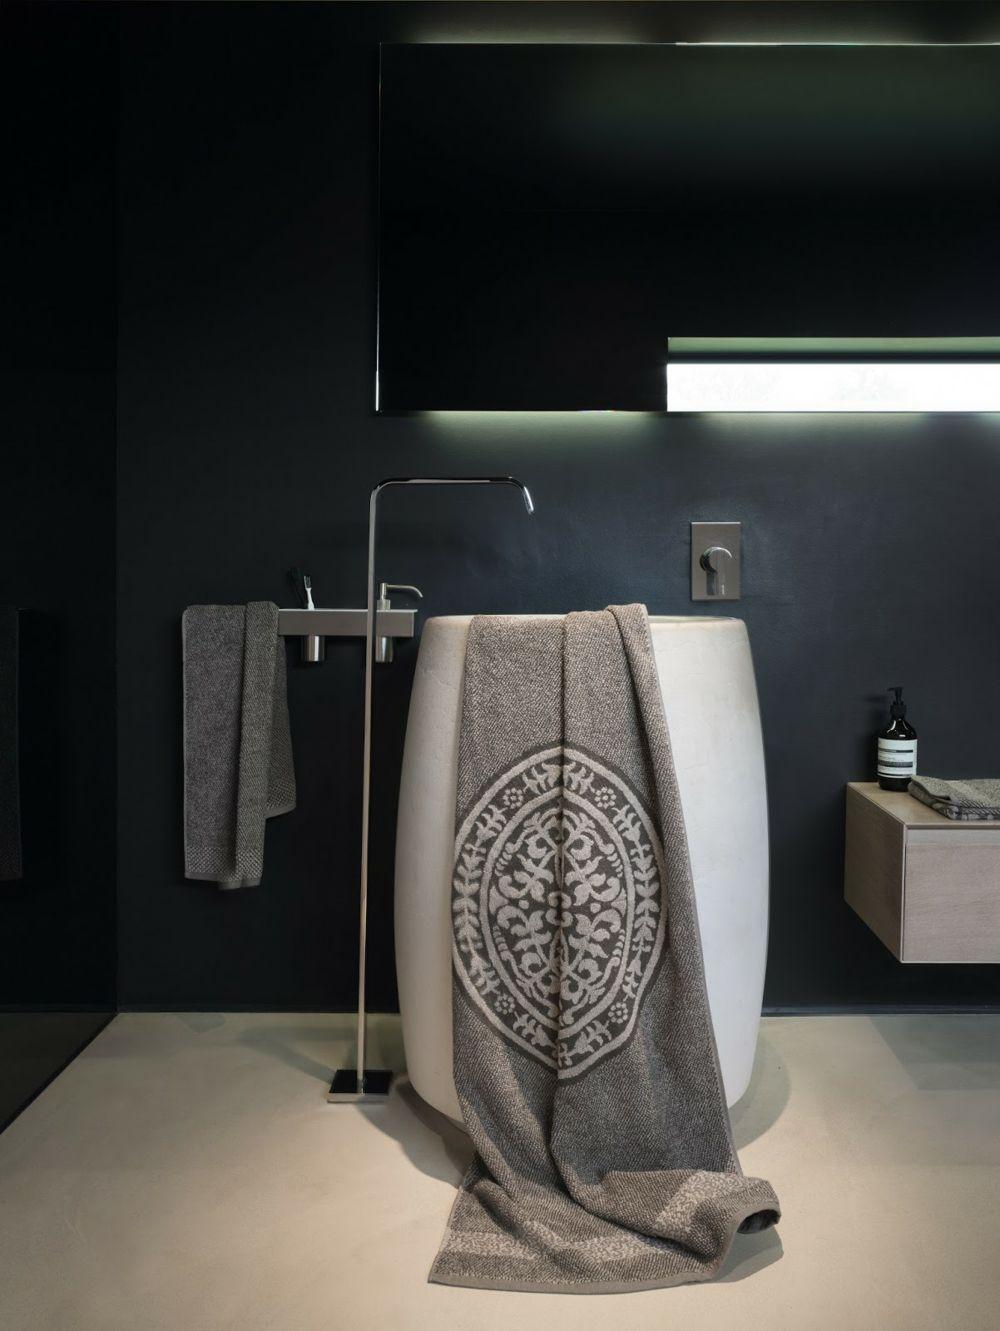 Leinen Handtuch in Grau-Bad Accessoires